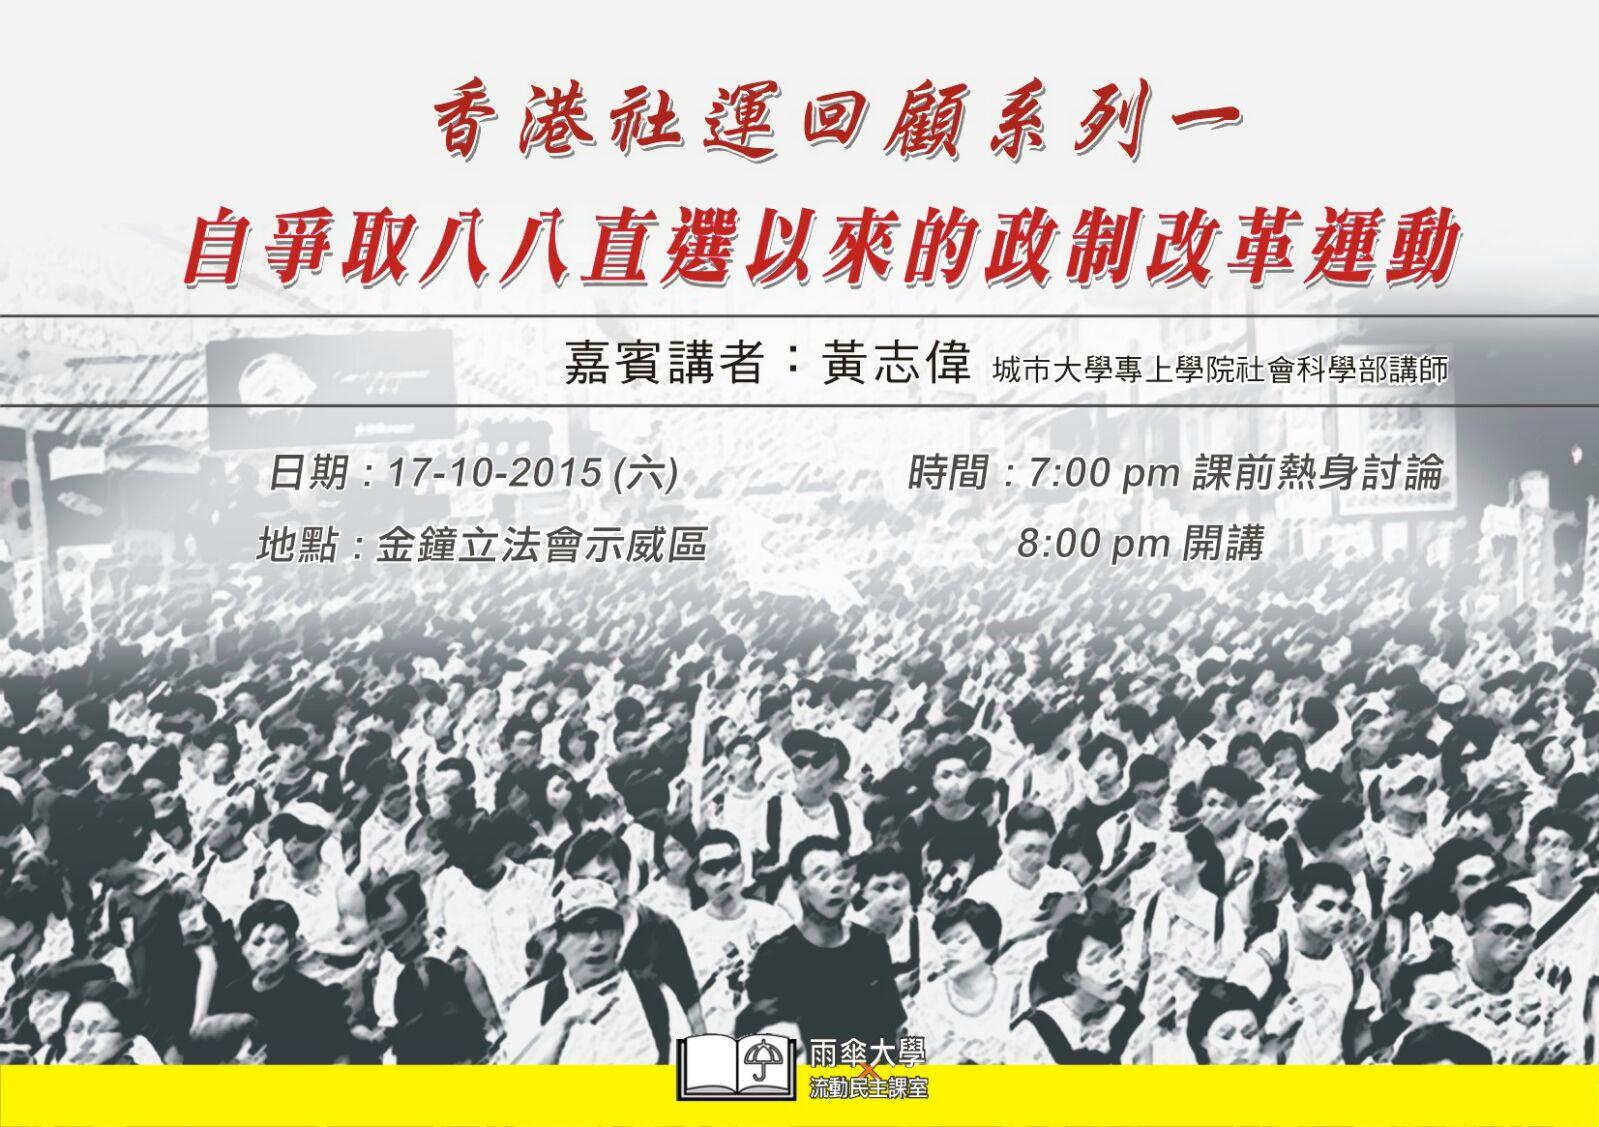 自爭取八八直選以來的政制改革運動